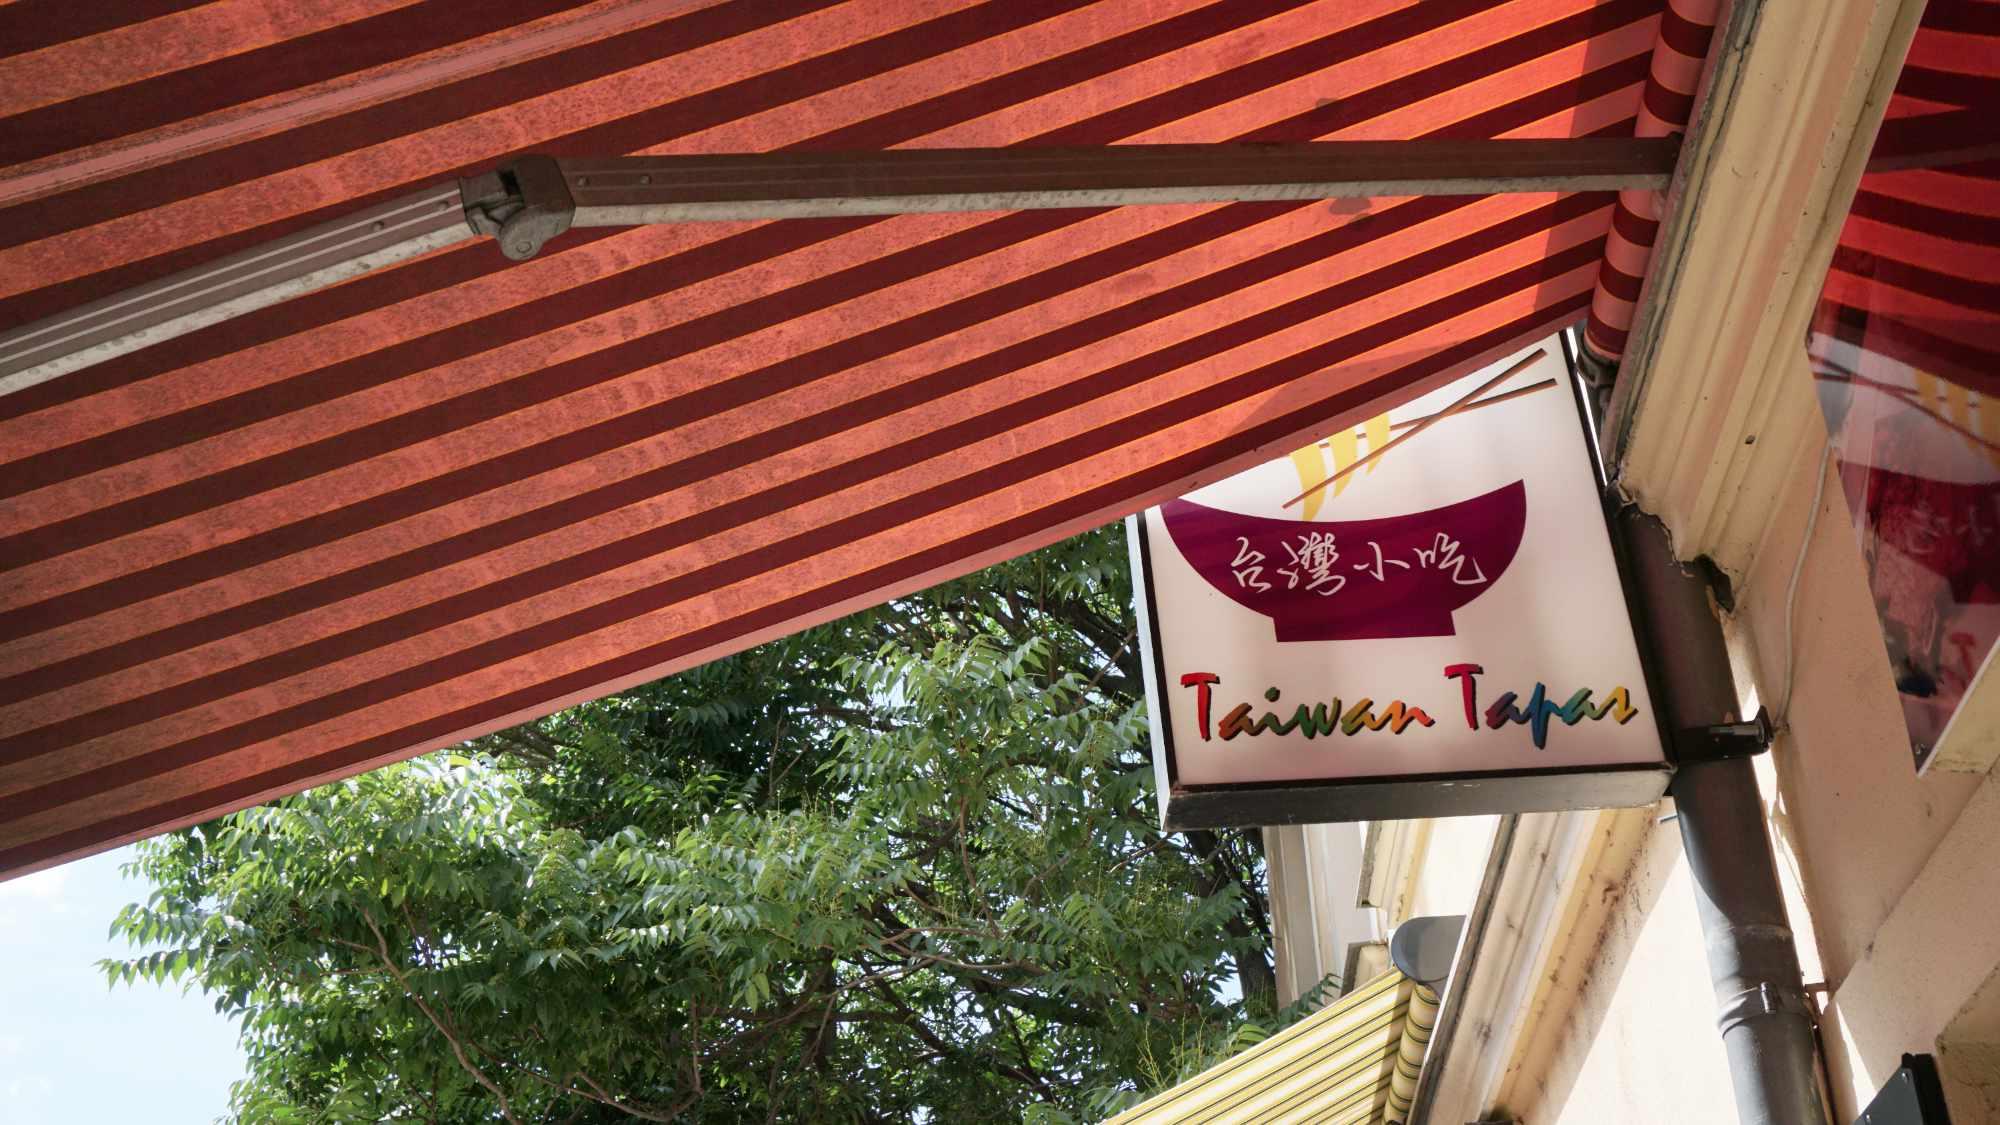 Taiwan Tapas begrüßt seine Gäste mit freundlichen Farben.